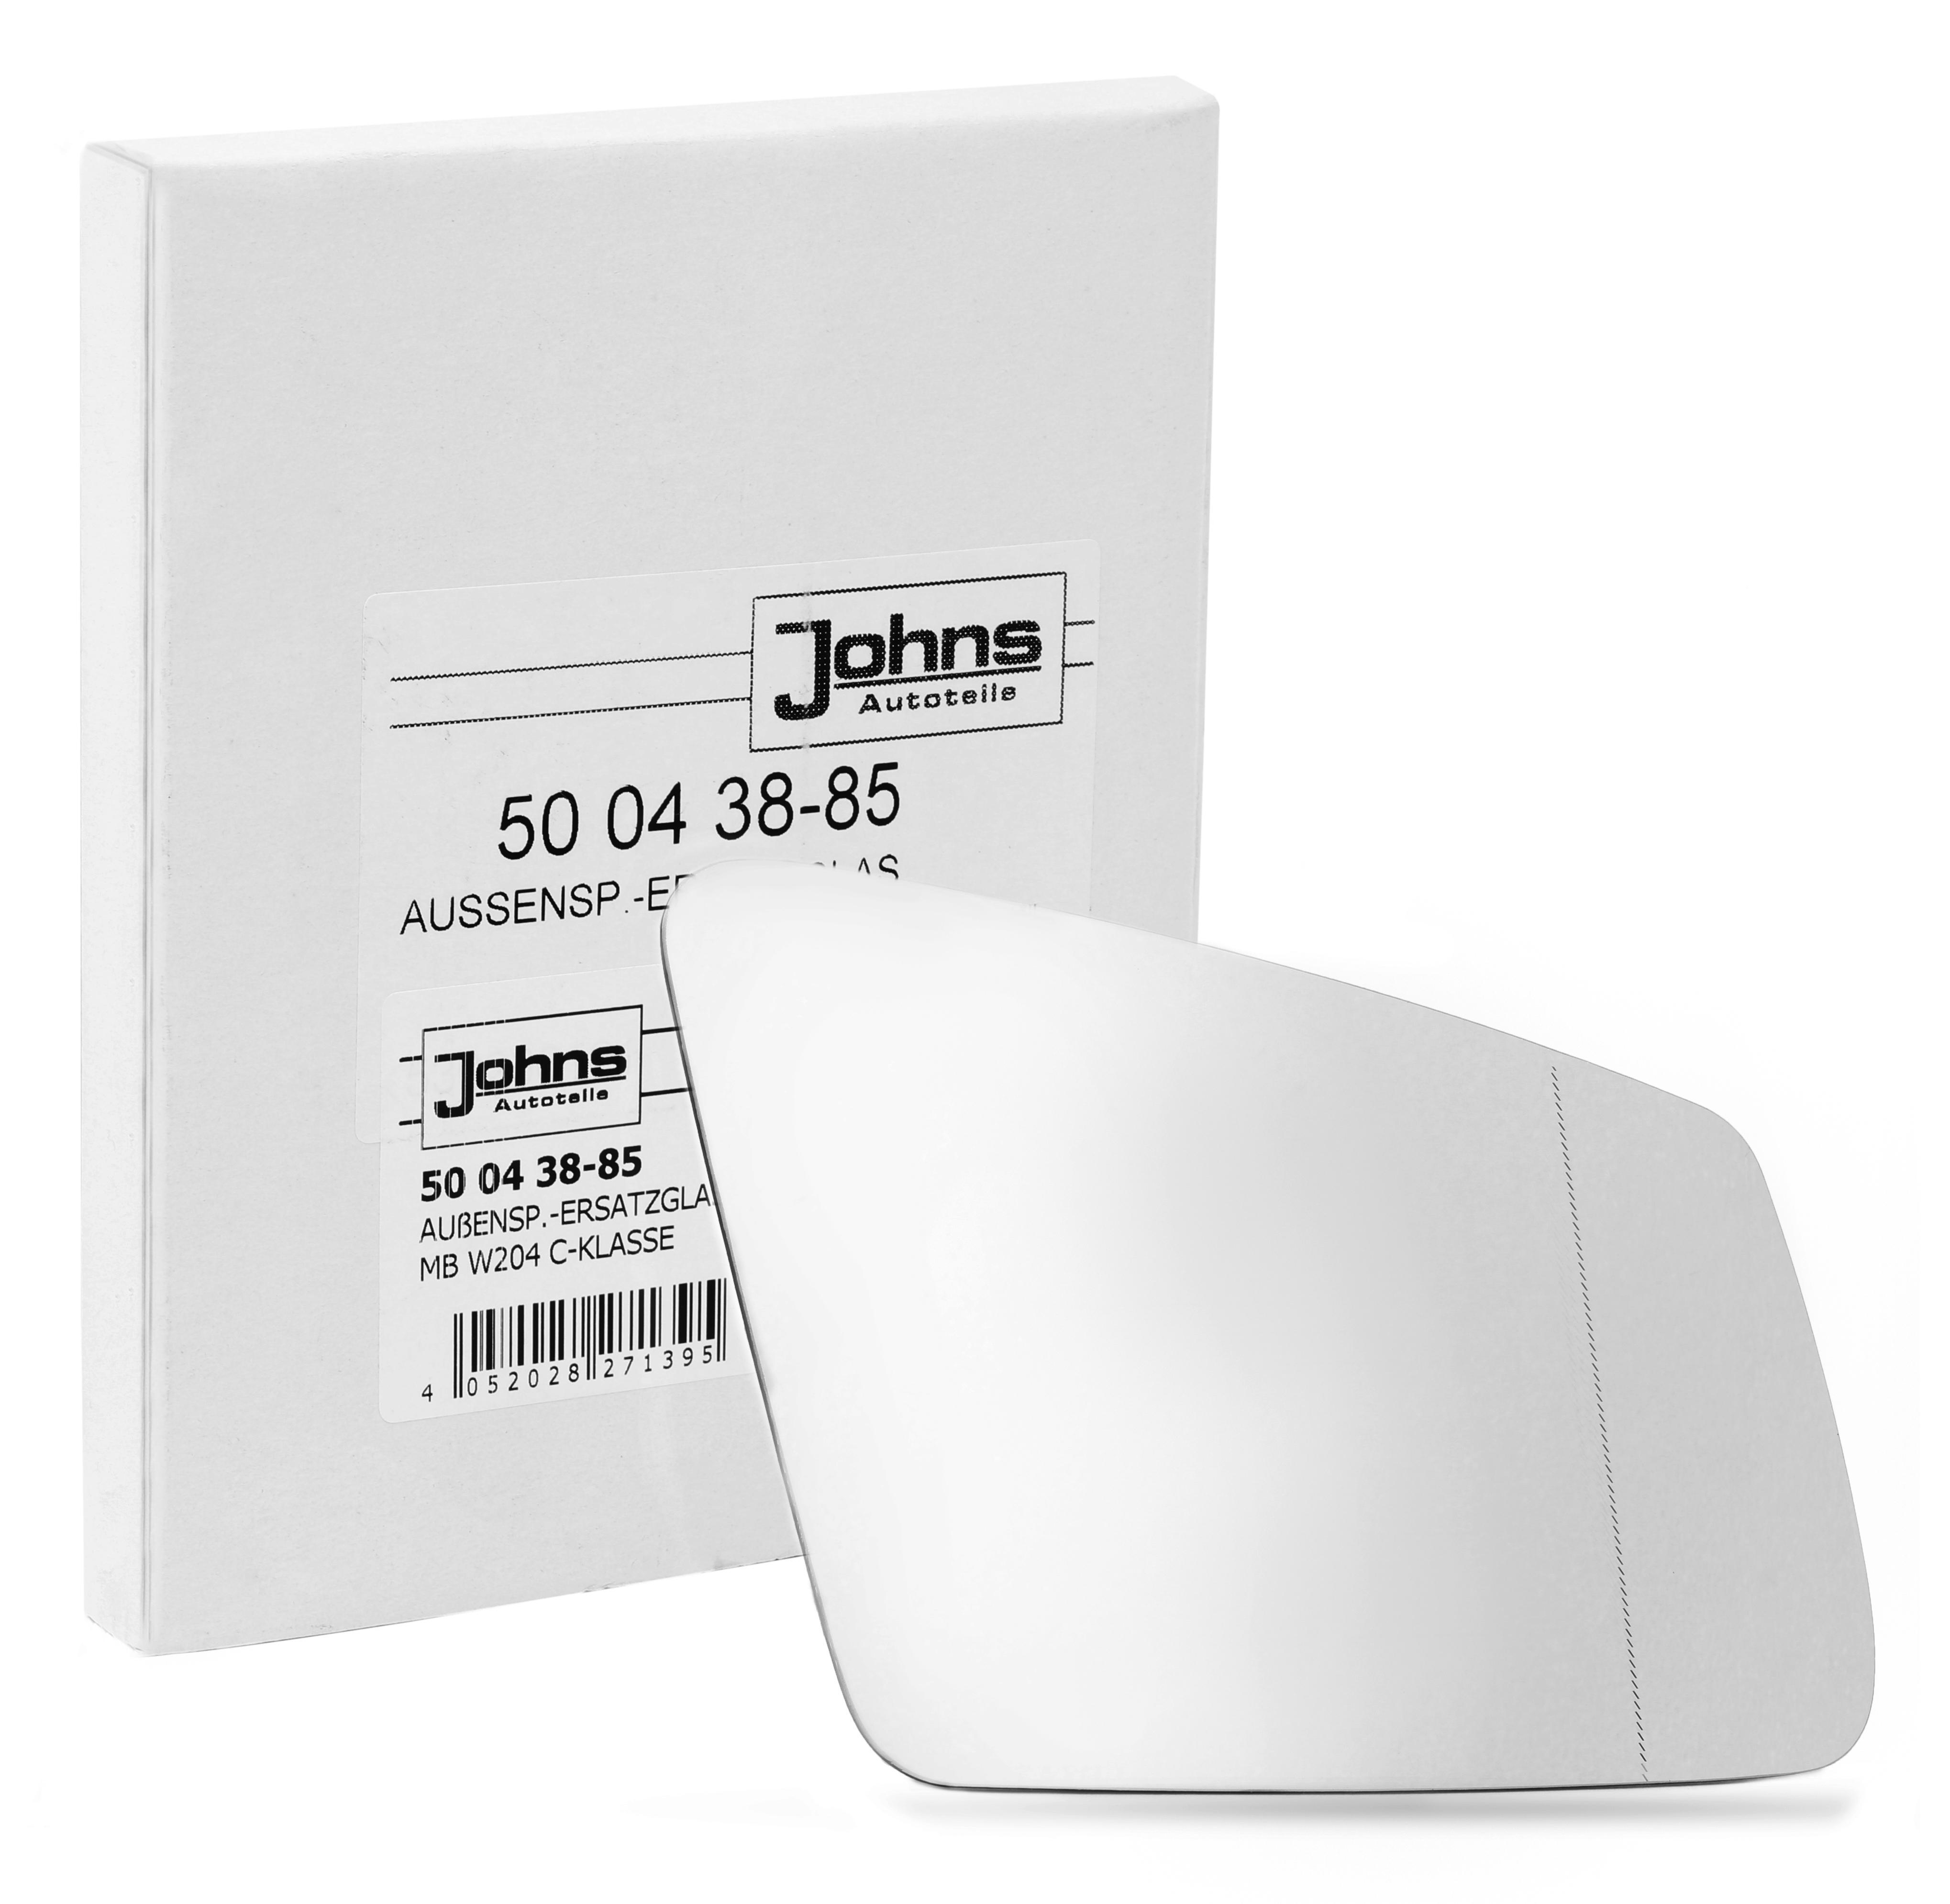 Außenspiegelglas 50 04 38-85 JOHNS 50 04 38-85 in Original Qualität